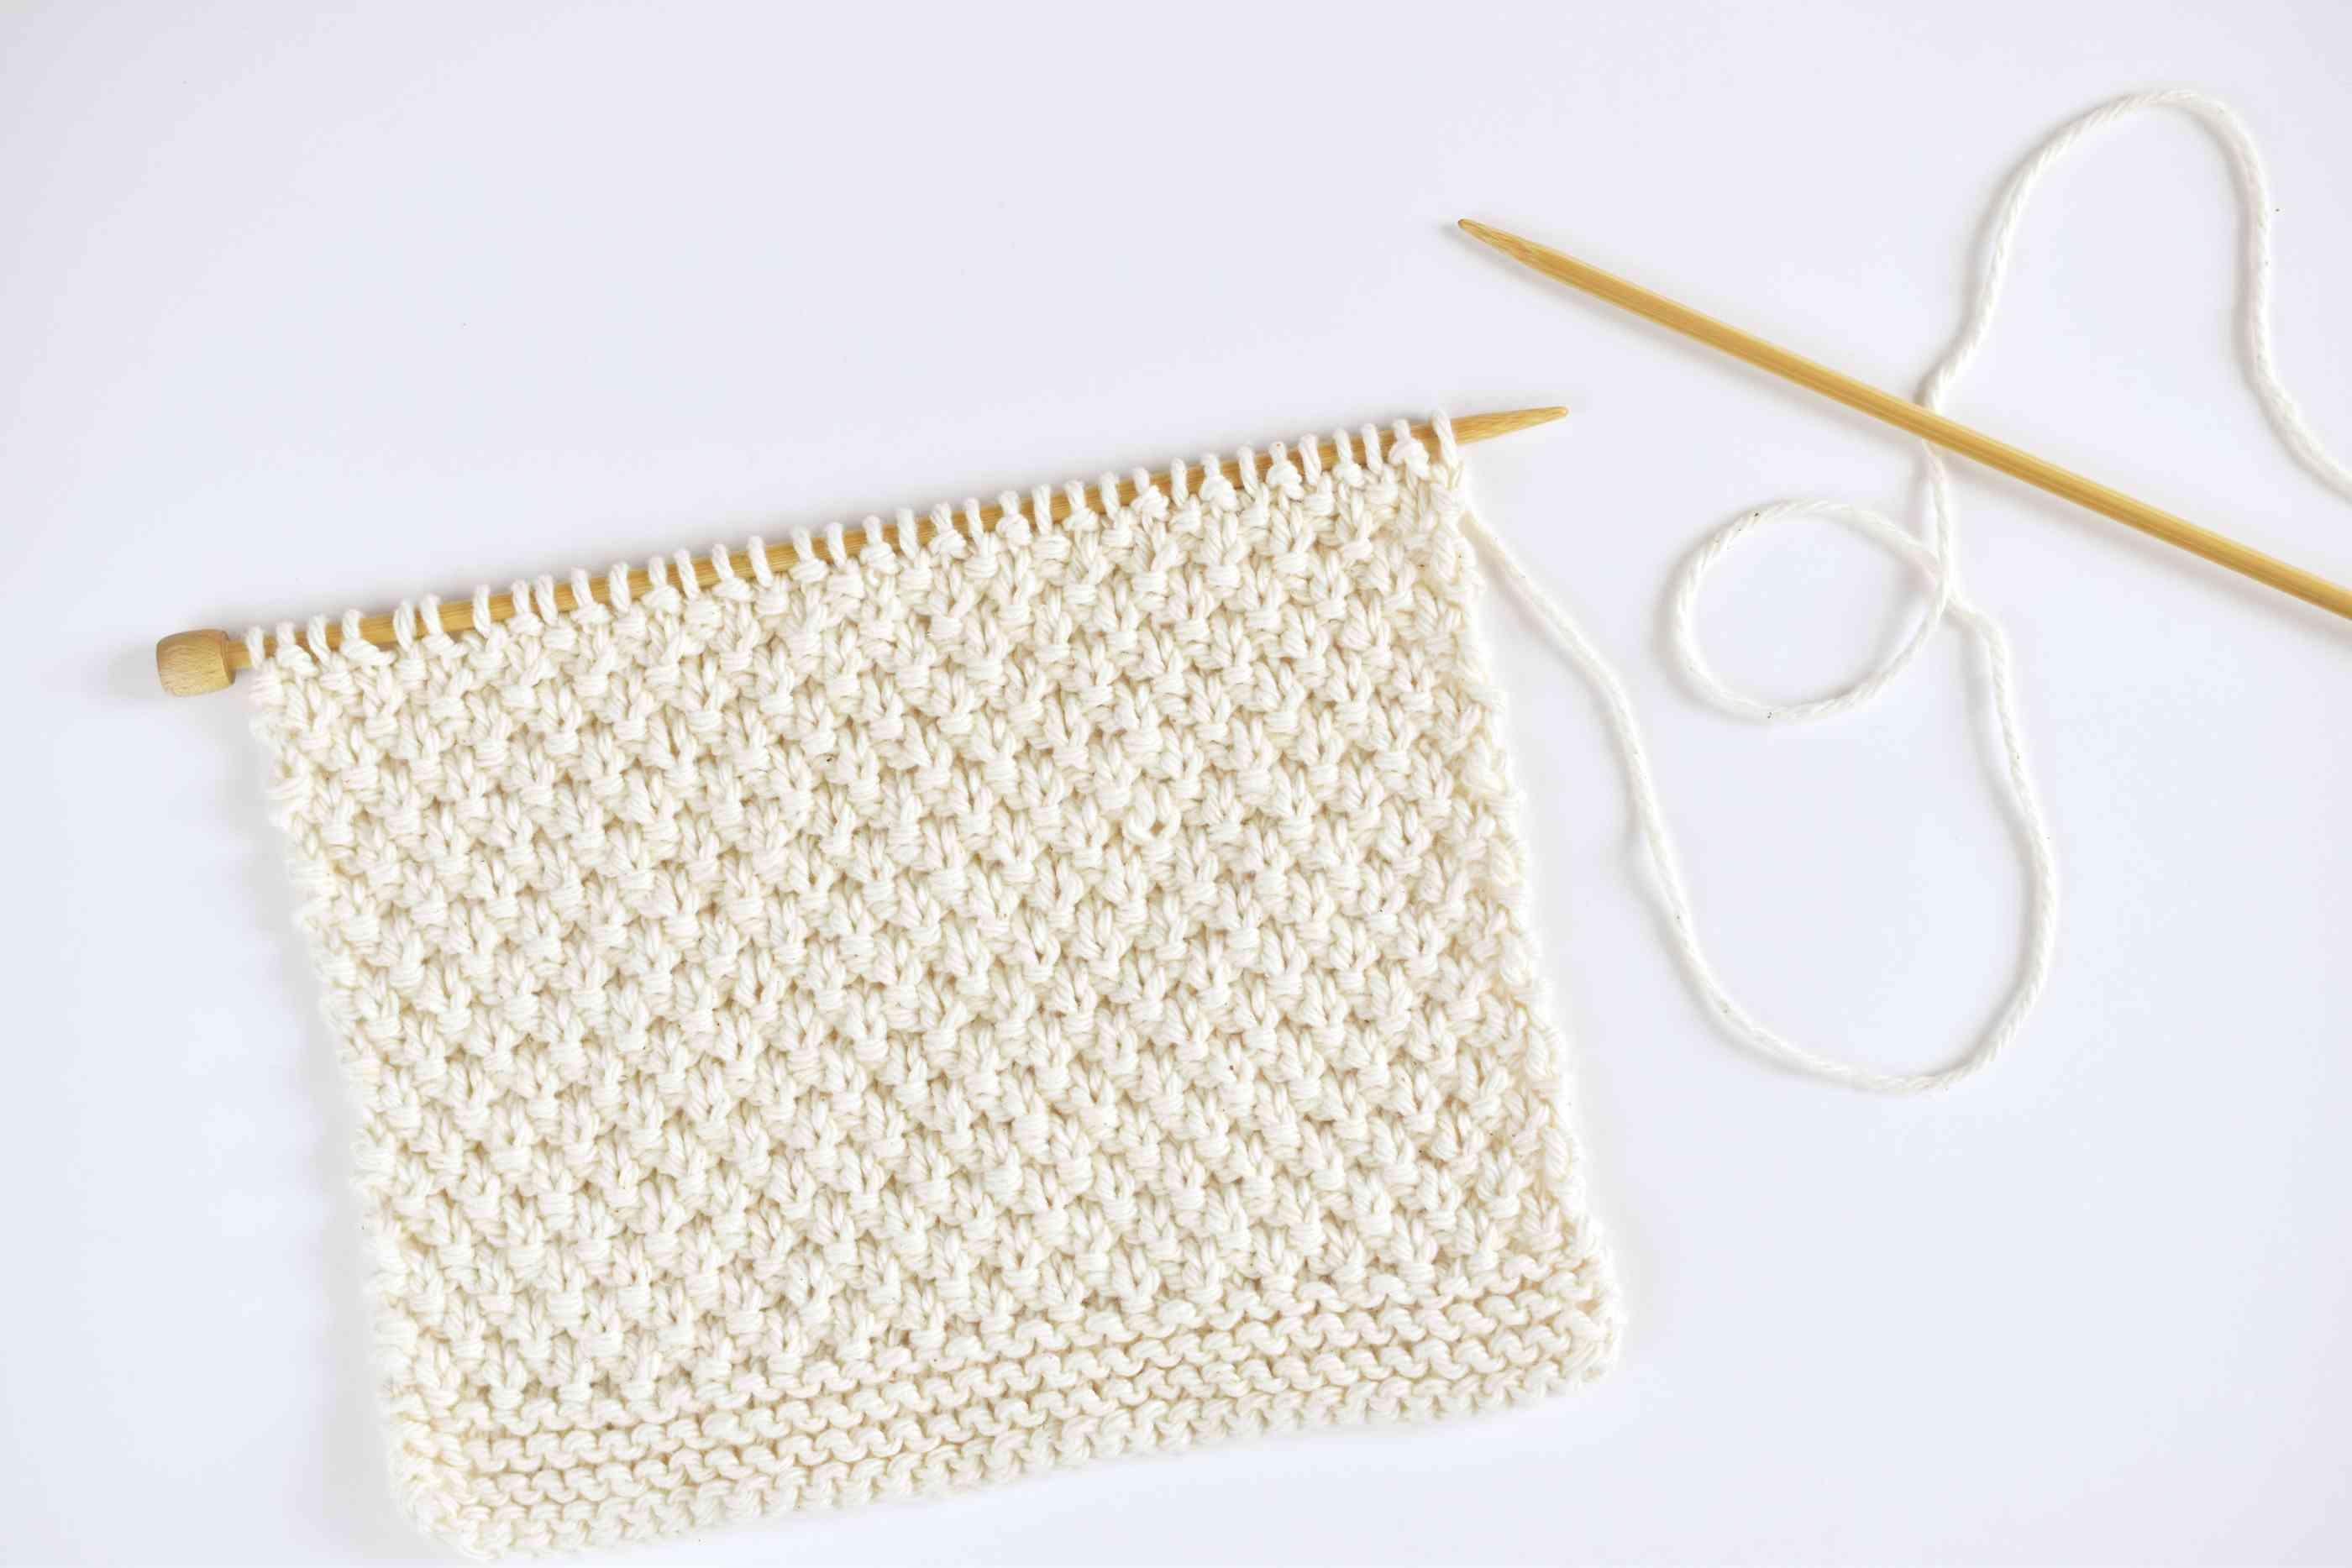 Knitting the Irish Moss Dishcloth